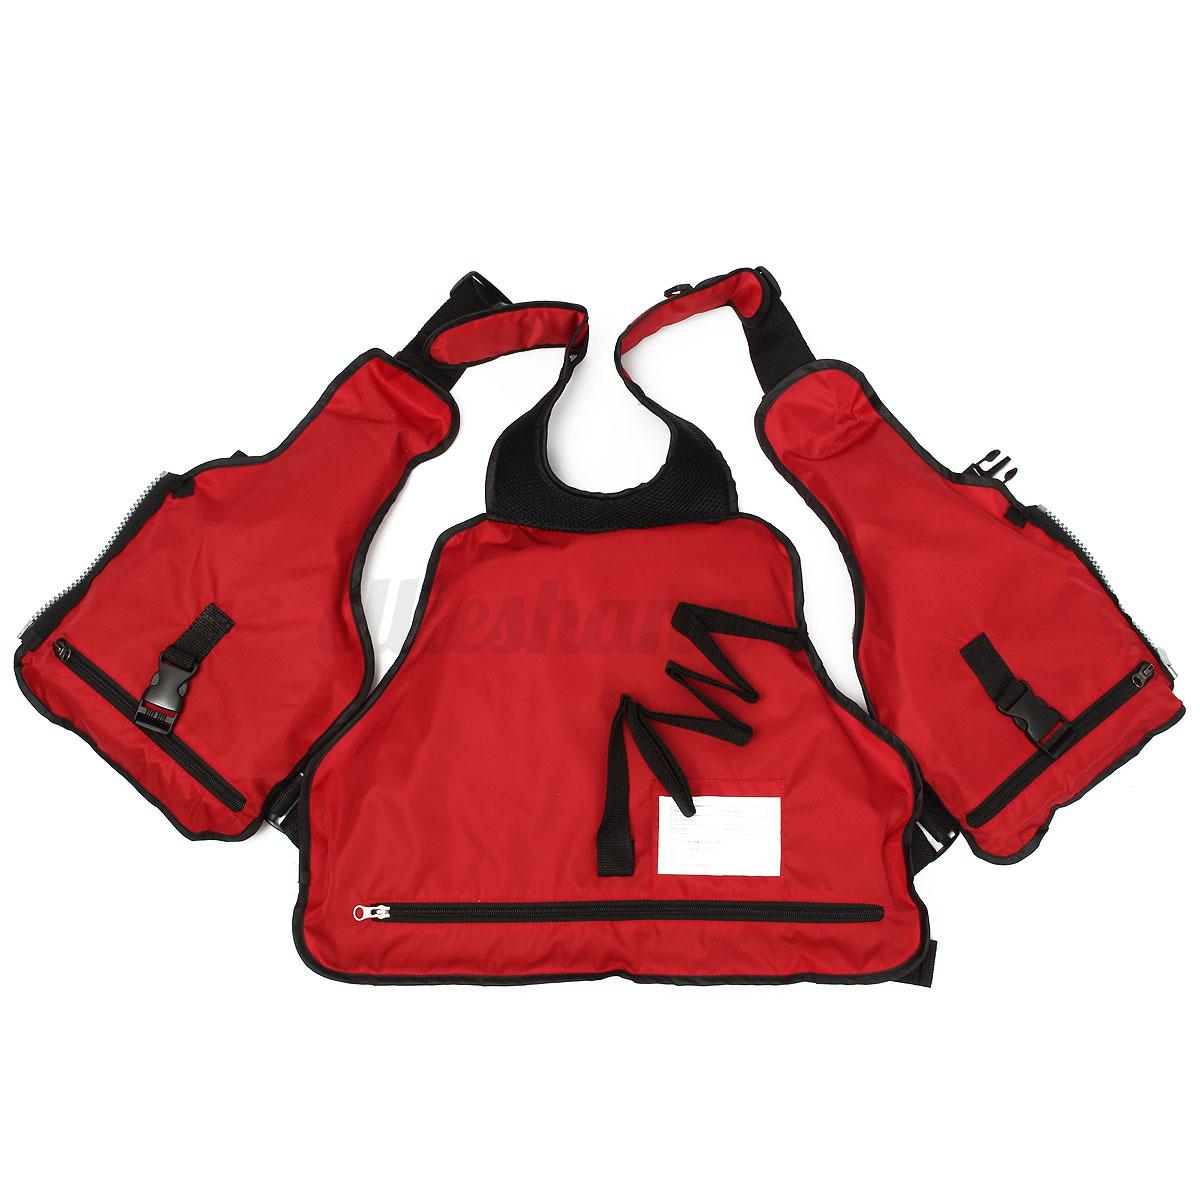 Marine-Reflective-Sailing-Aid-Kayak-Fly-Fishing-Boating-Ski-Life-Jacket-Vest-AU